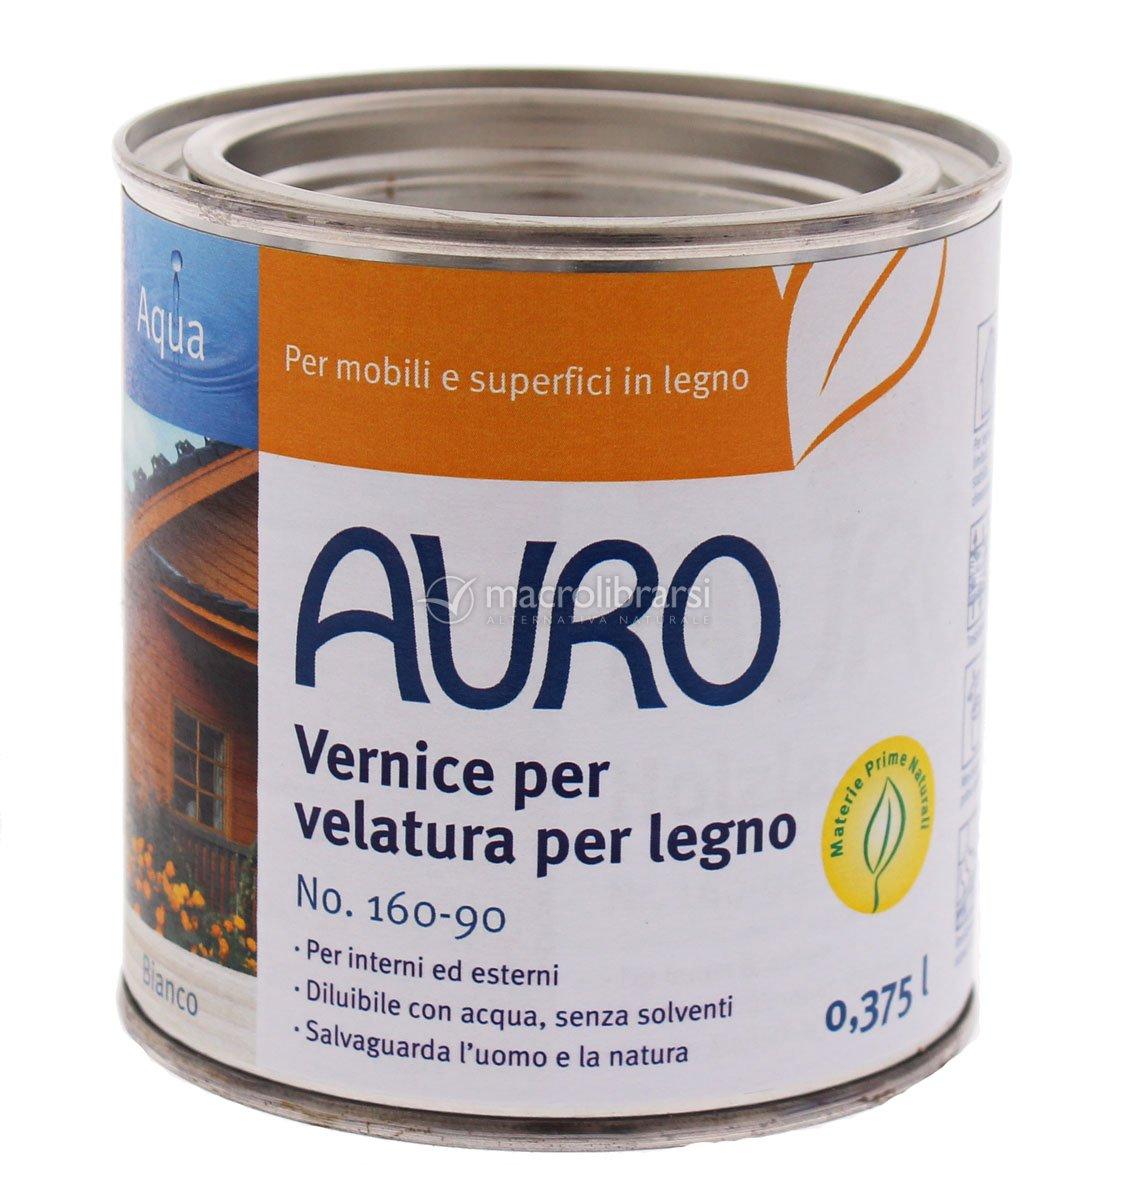 Vernice per velatura per legno bianco n 160 90 auro for Vernice per termosifoni